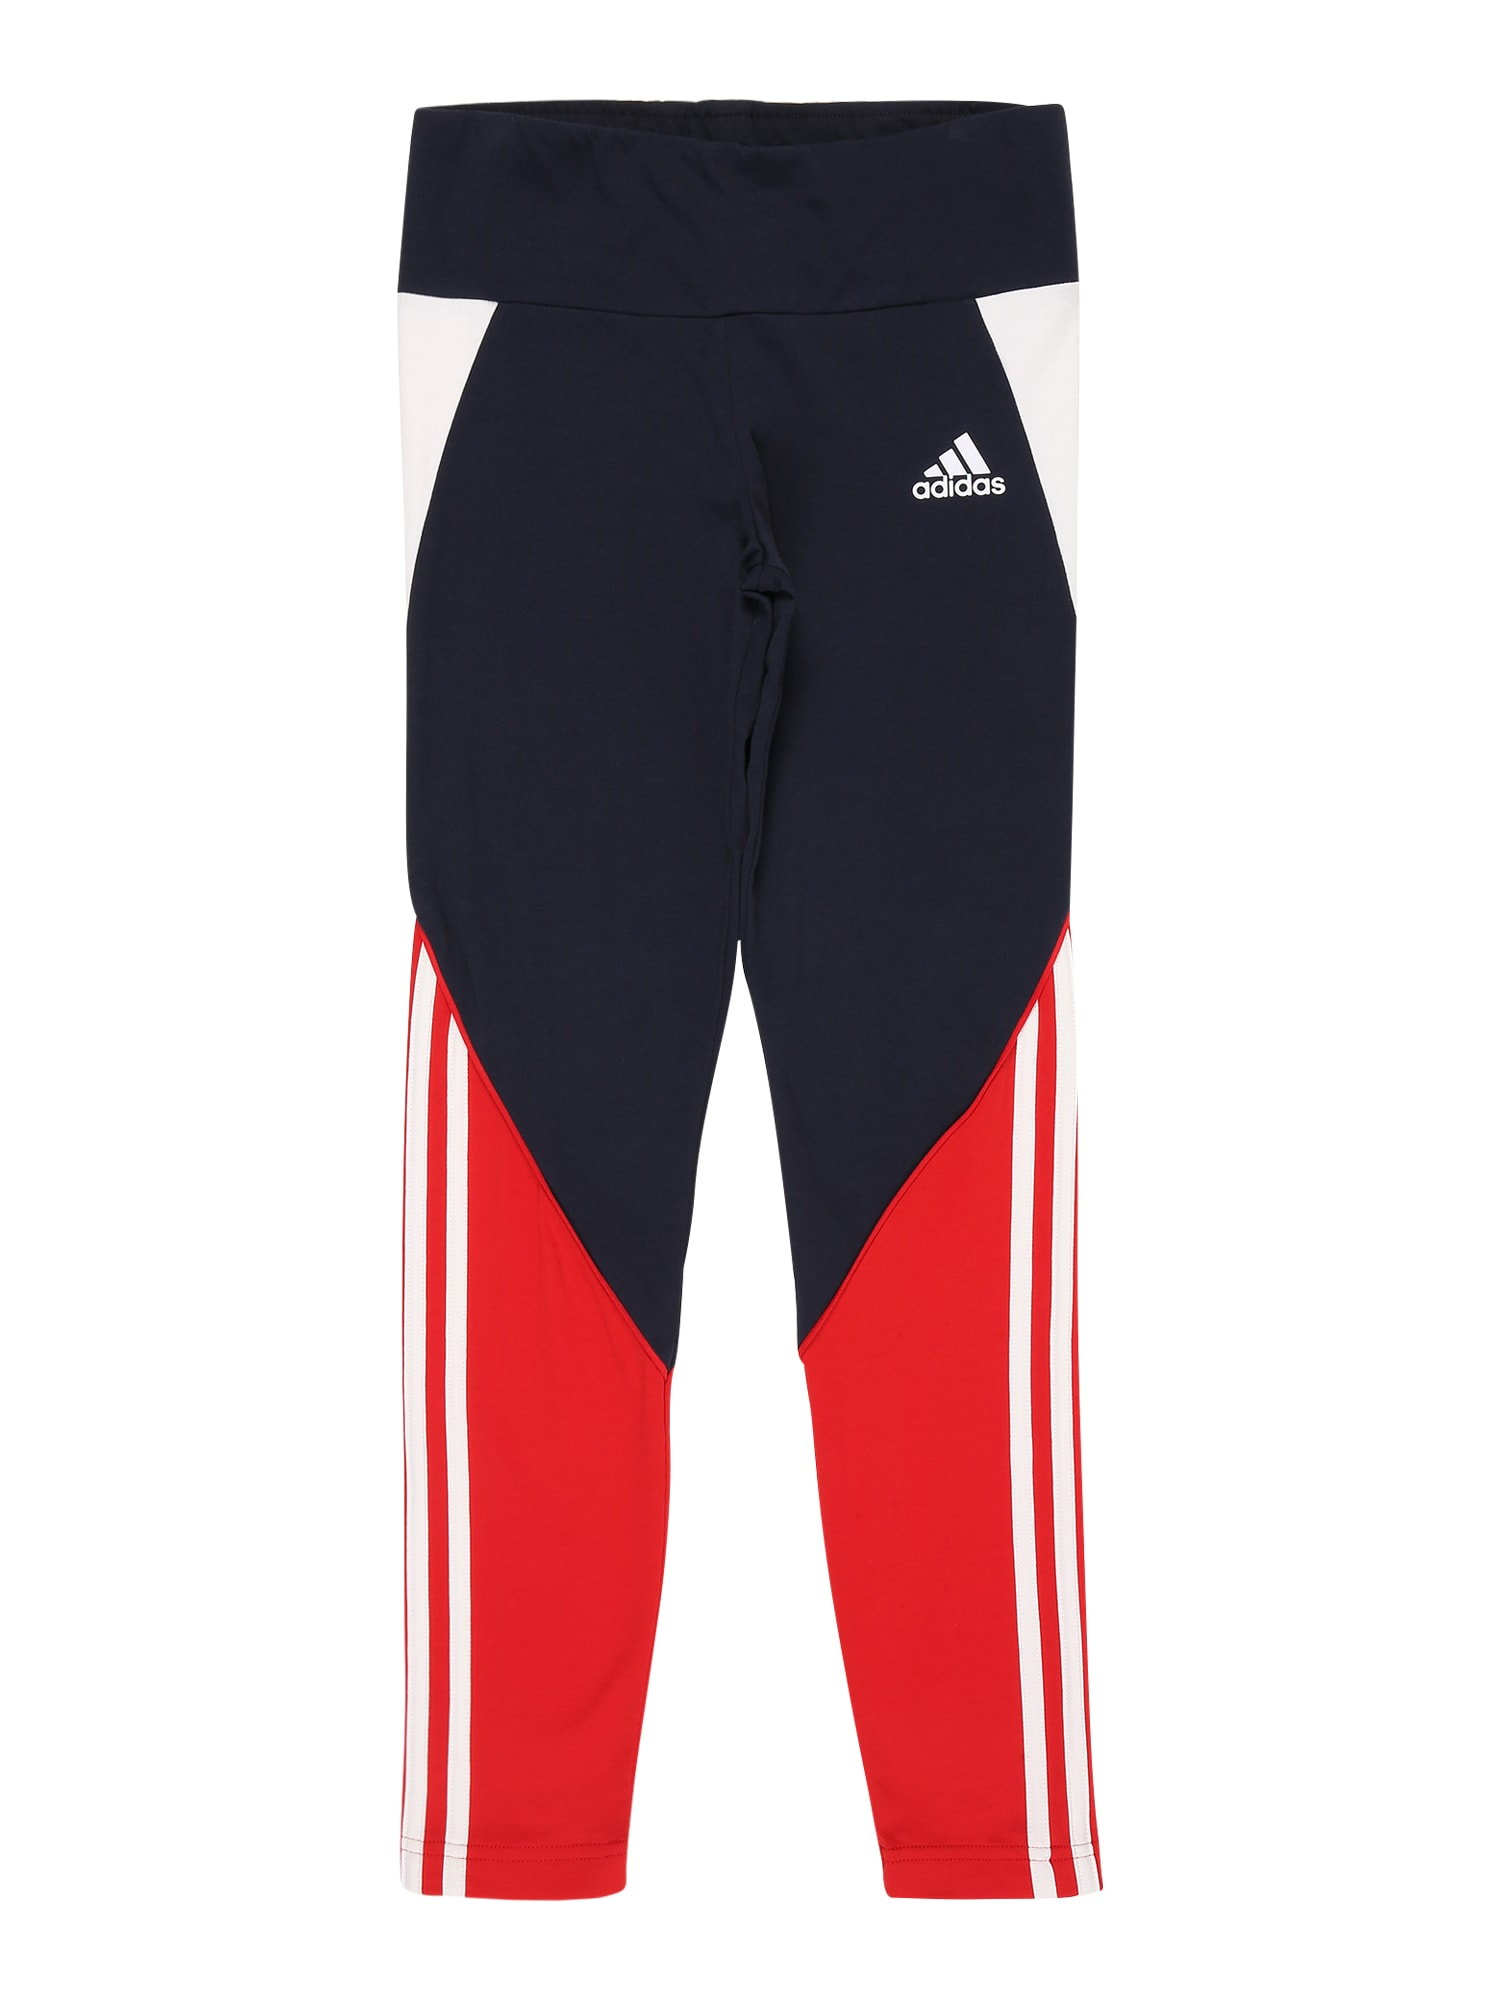 ADIDAS PERFORMANCE Sportovní kalhoty 'Bold'  námořnická modř / červená / bílá